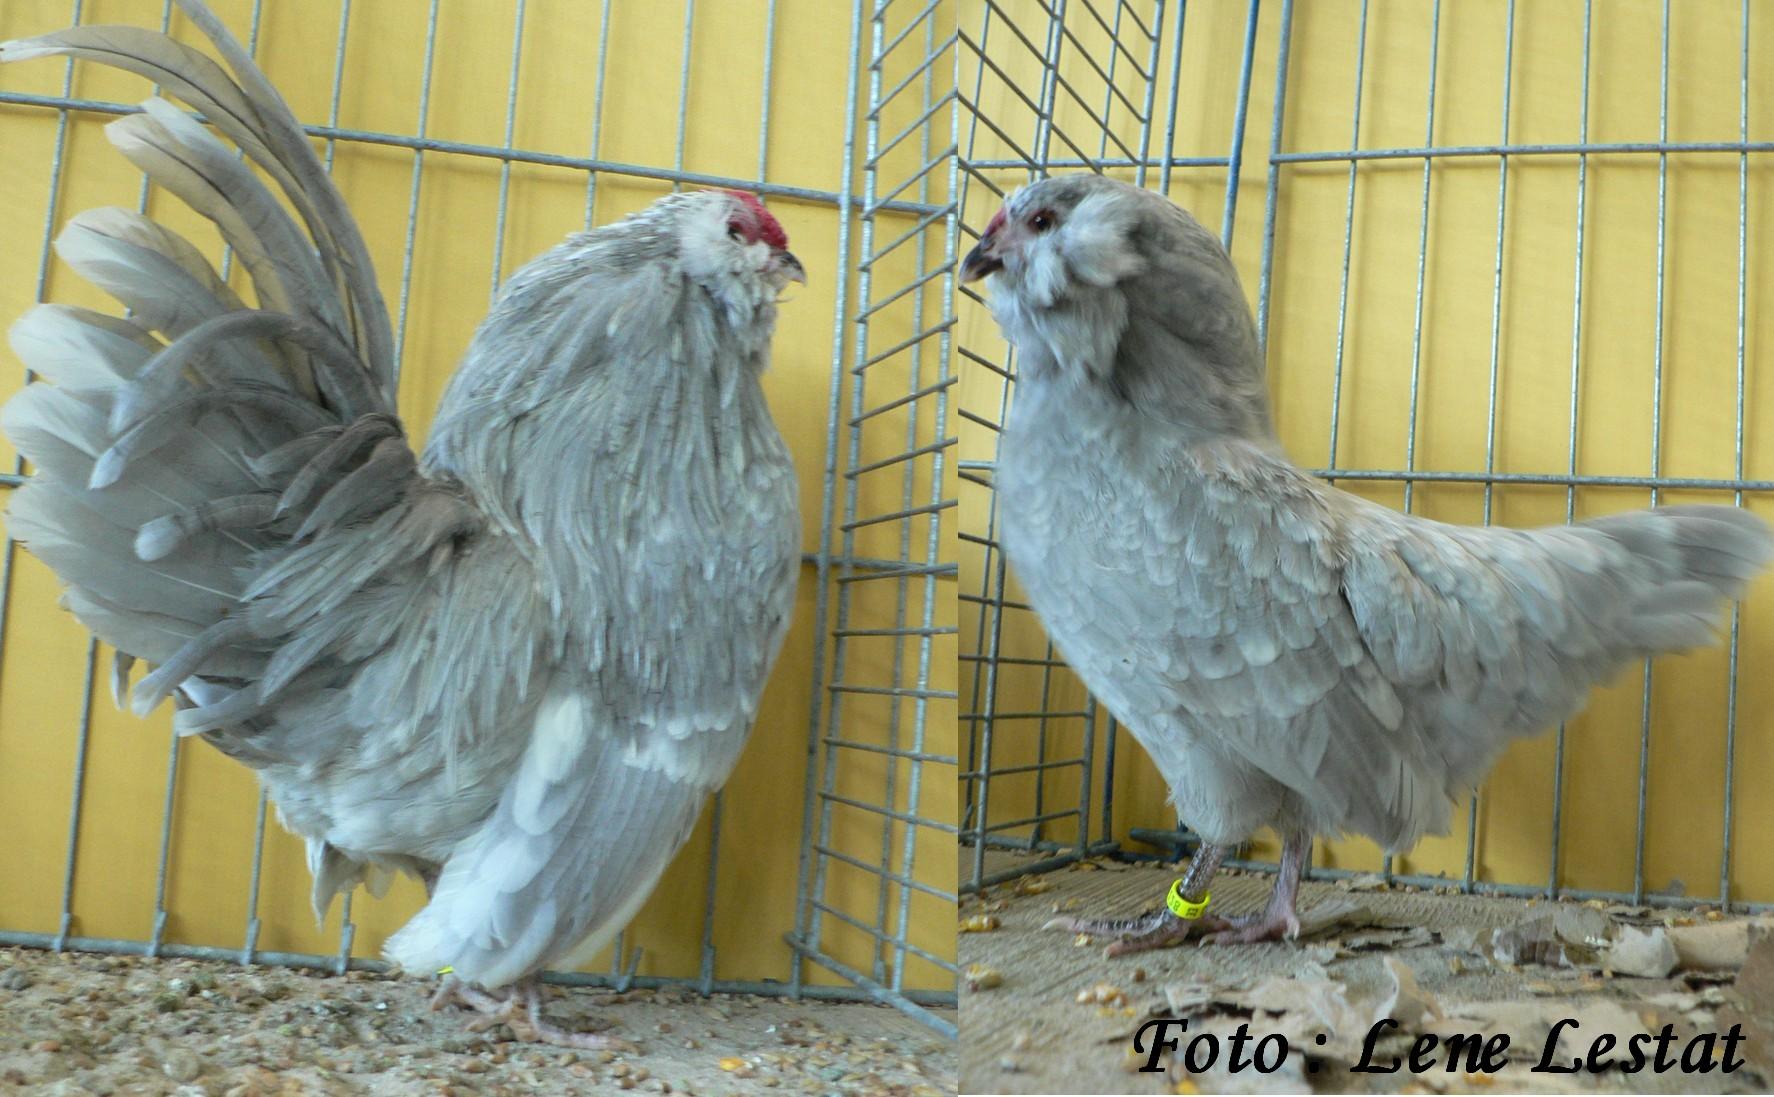 1,1 antwerpner skæghøns – perlegrå hvidplettet